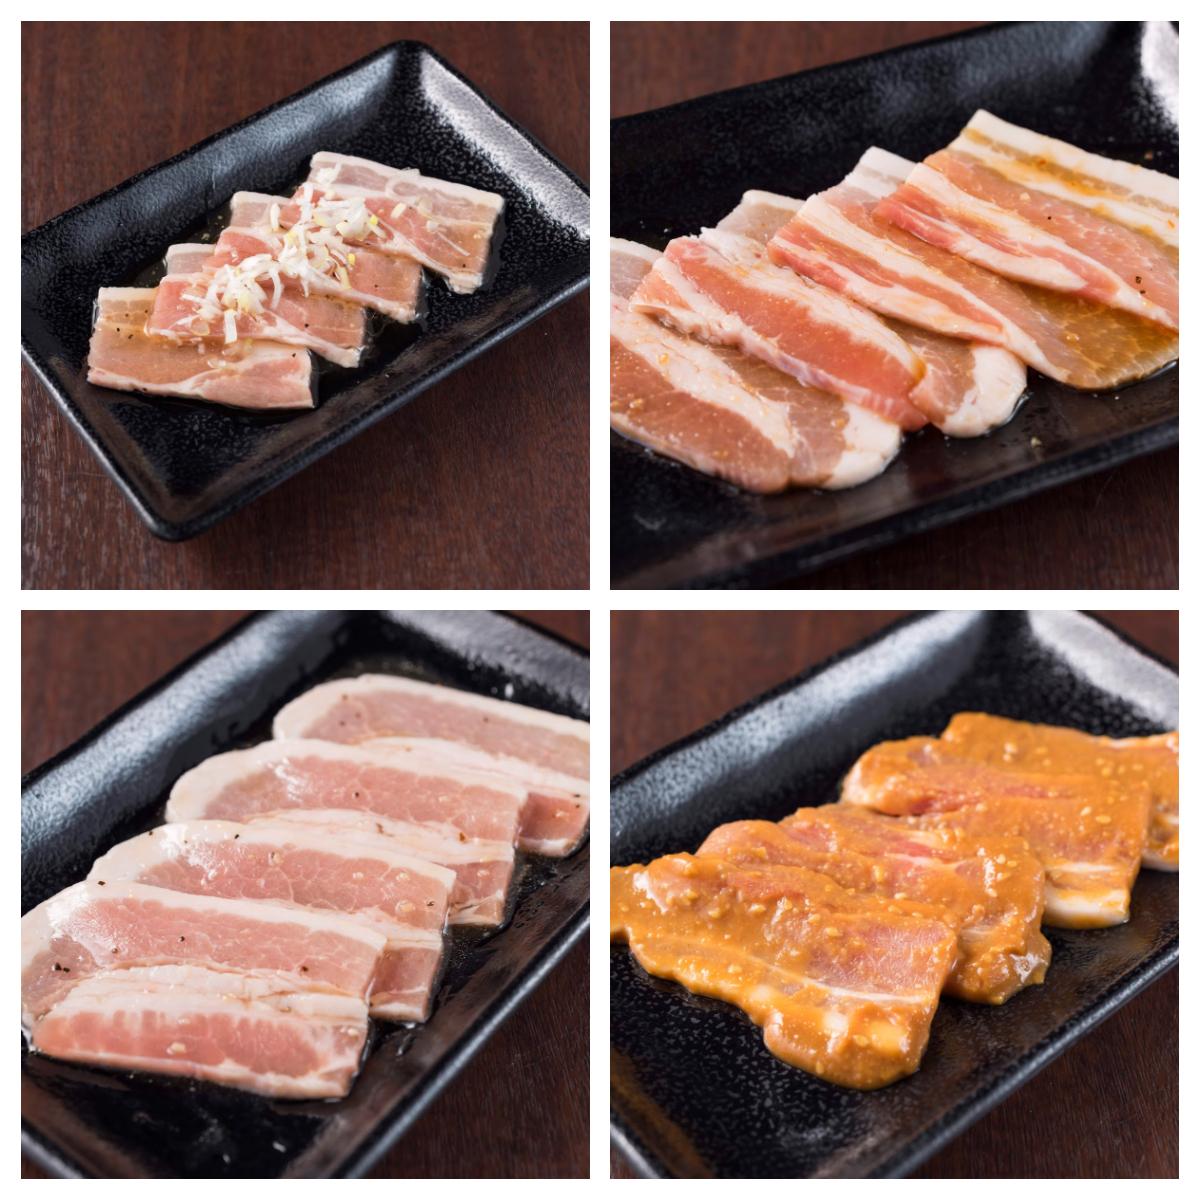 ネギ塩/特製タレ/旨塩/味噌タレポークカルビ